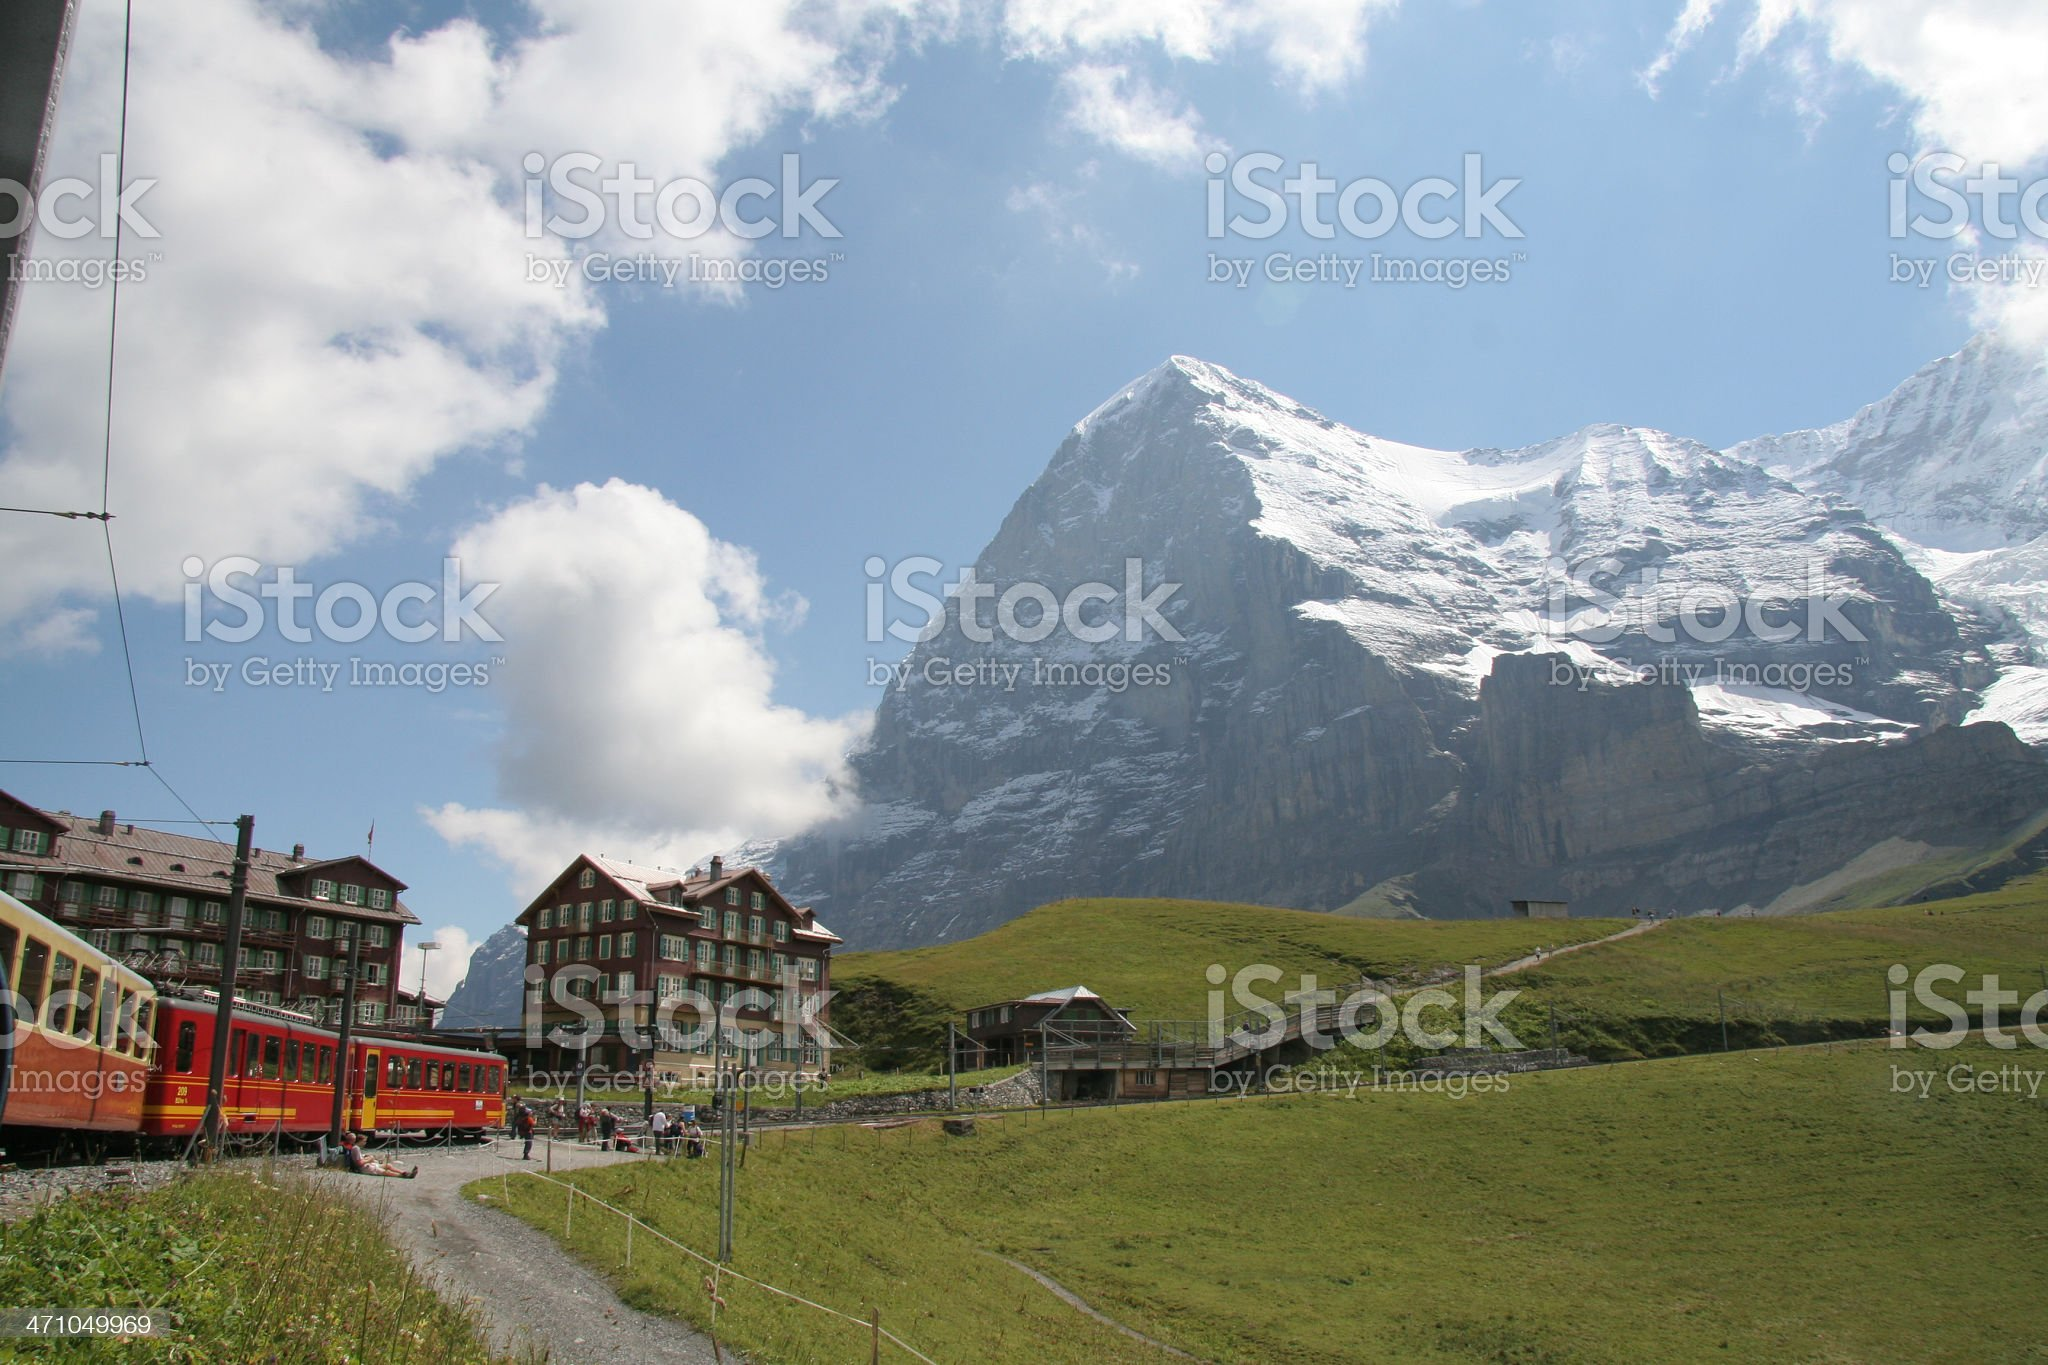 Eiger view from Kleine Scheidegg in switzerland royalty-free stock photo